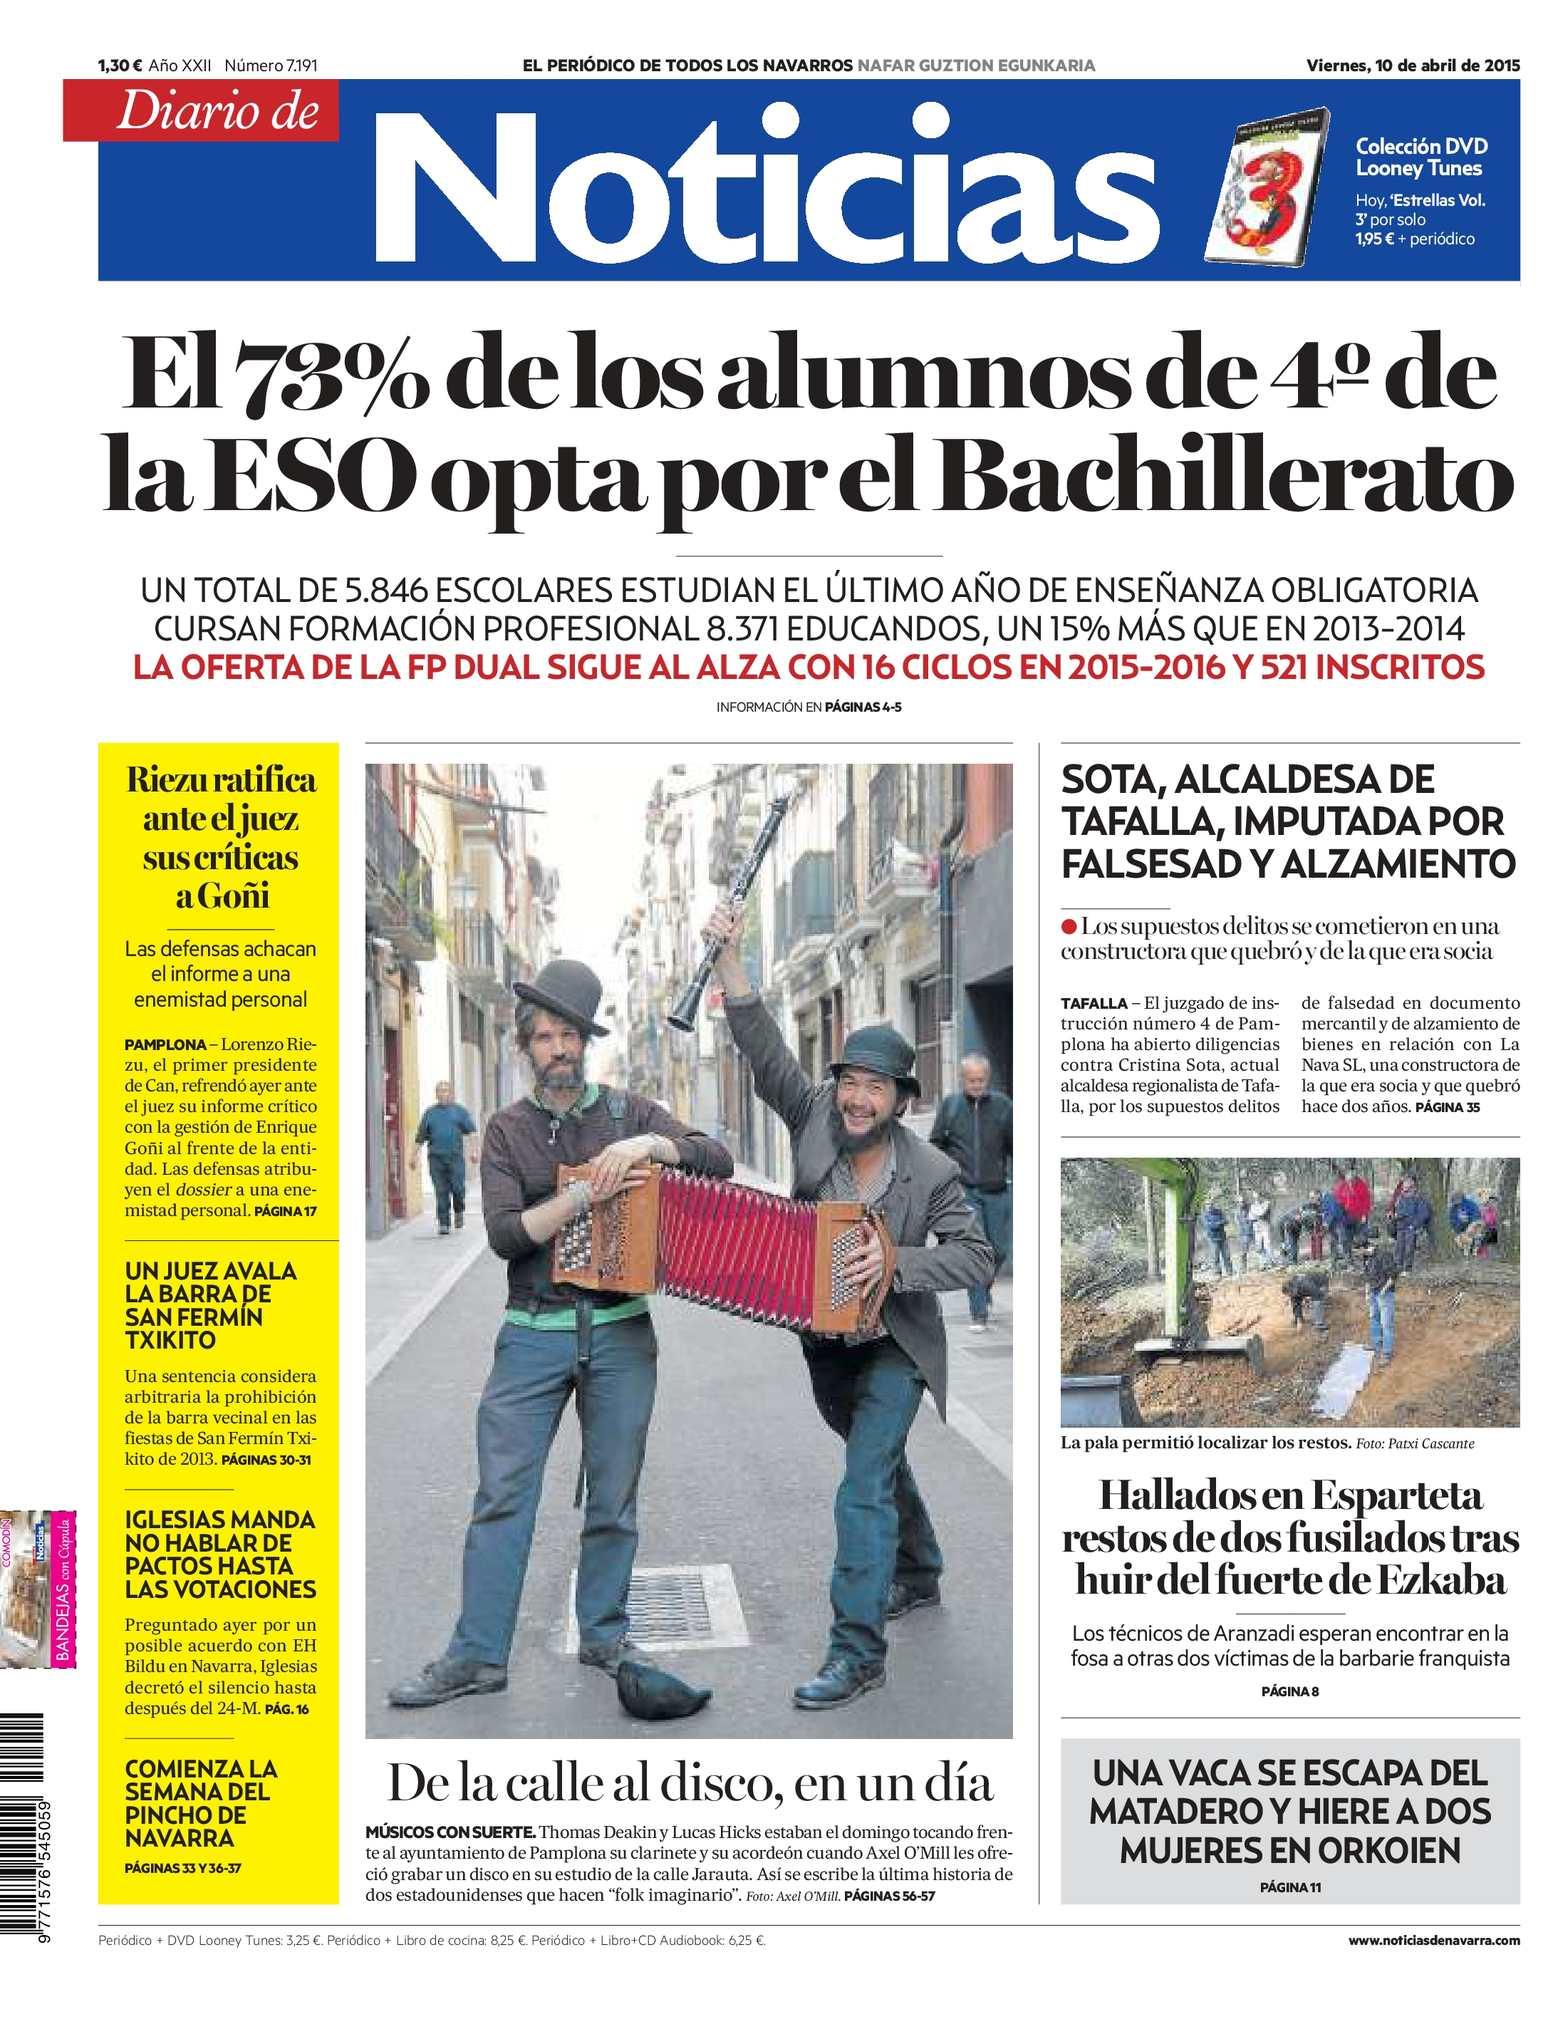 Calaméo - Diario de Noticias 20150410 ed61dc3bf600